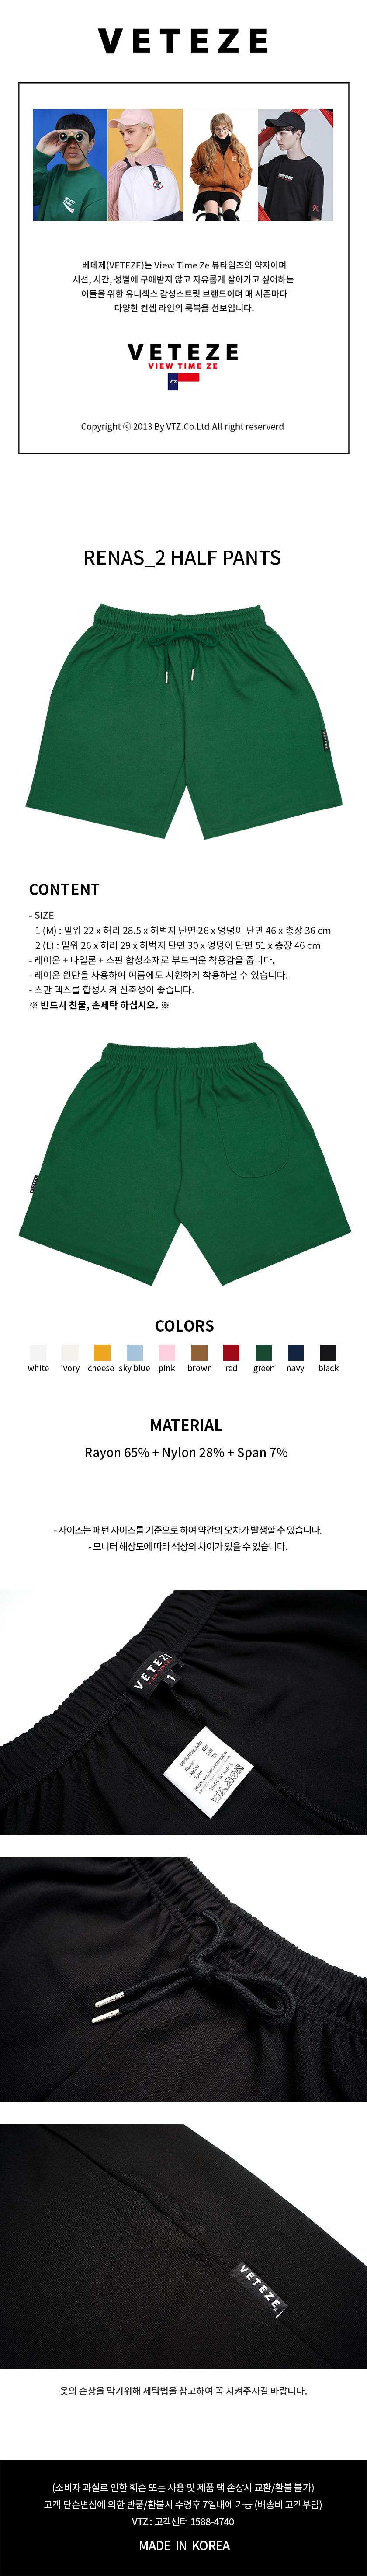 18.RENAS_2%20HALF%20PANTS_detail840_green.jpg